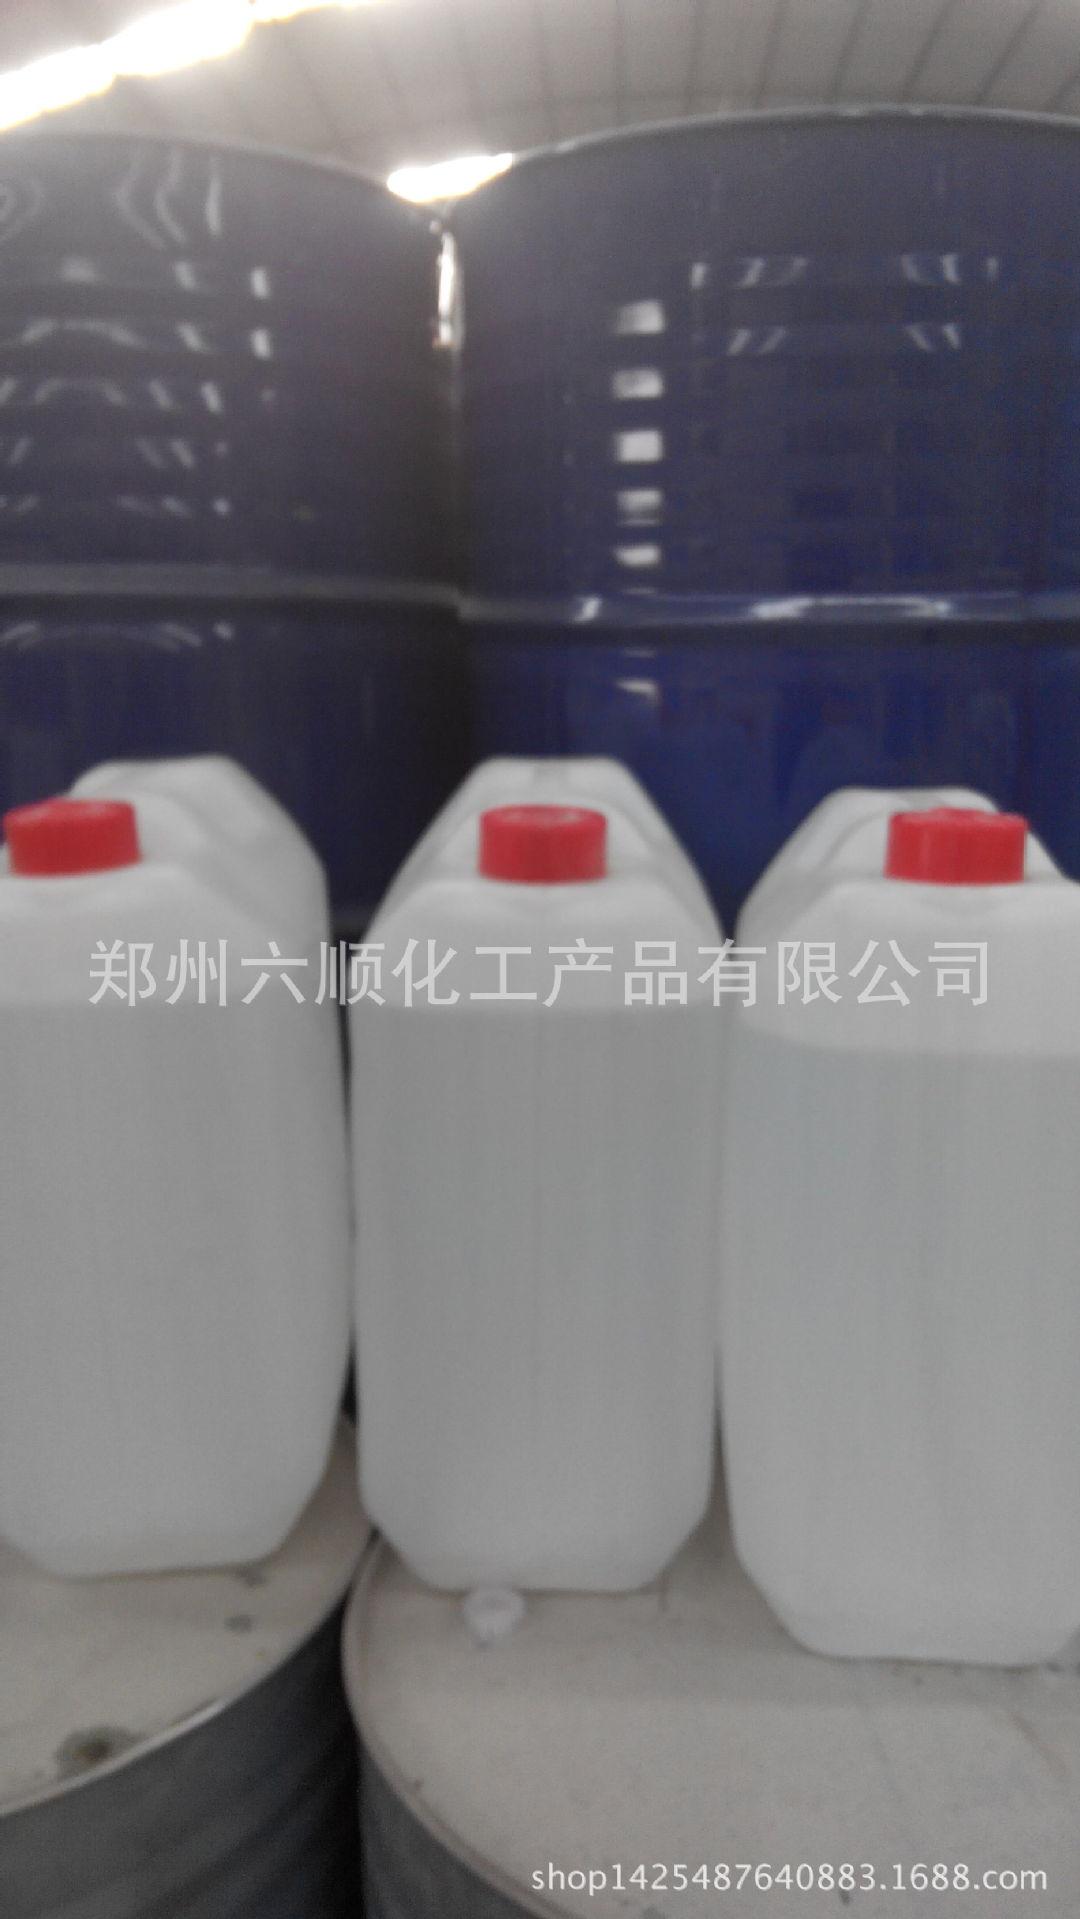 厂家直销硅油 耐高温硅油 201甲基硅油 二甲基硅油保证质量